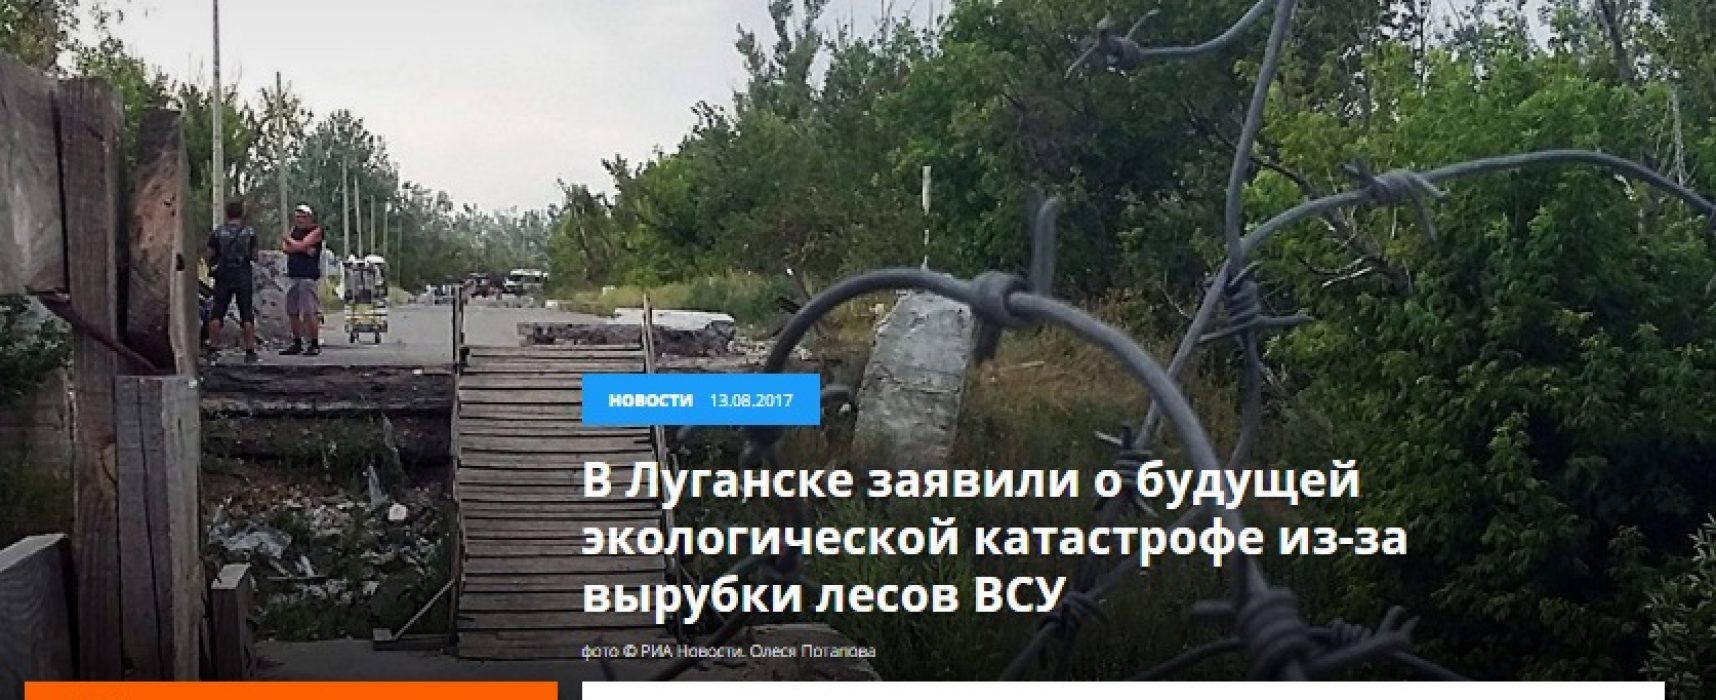 Фейк: Луганску грозит экологическая катастрофа из-за вырубки лесов ВСУ